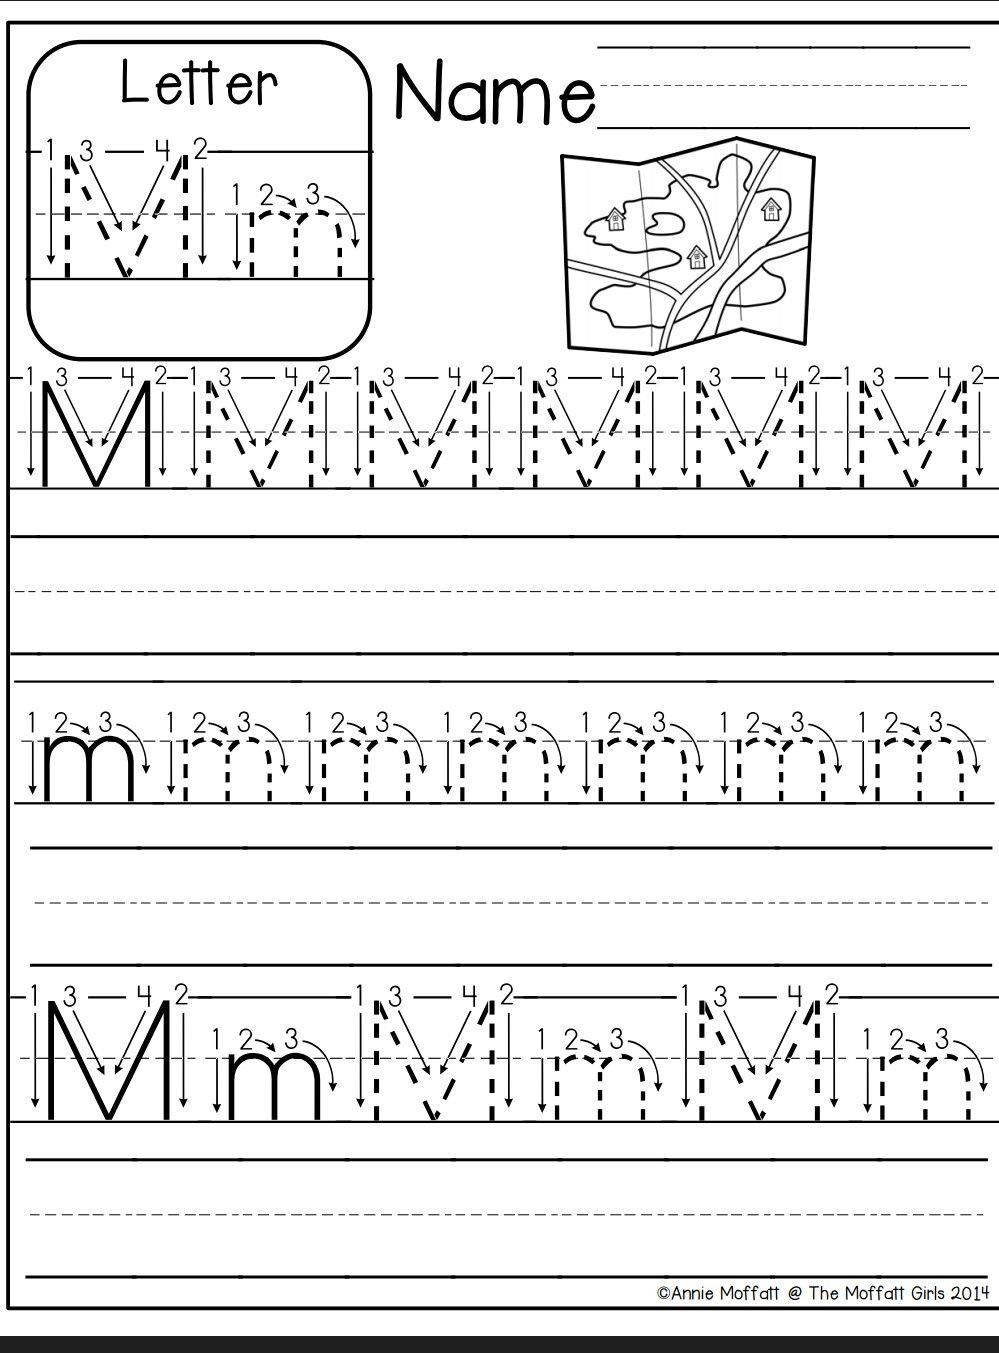 Letter M Worksheet | Preschool Writing, Letter M Worksheets in Tracing Letter M Worksheets Kindergarten